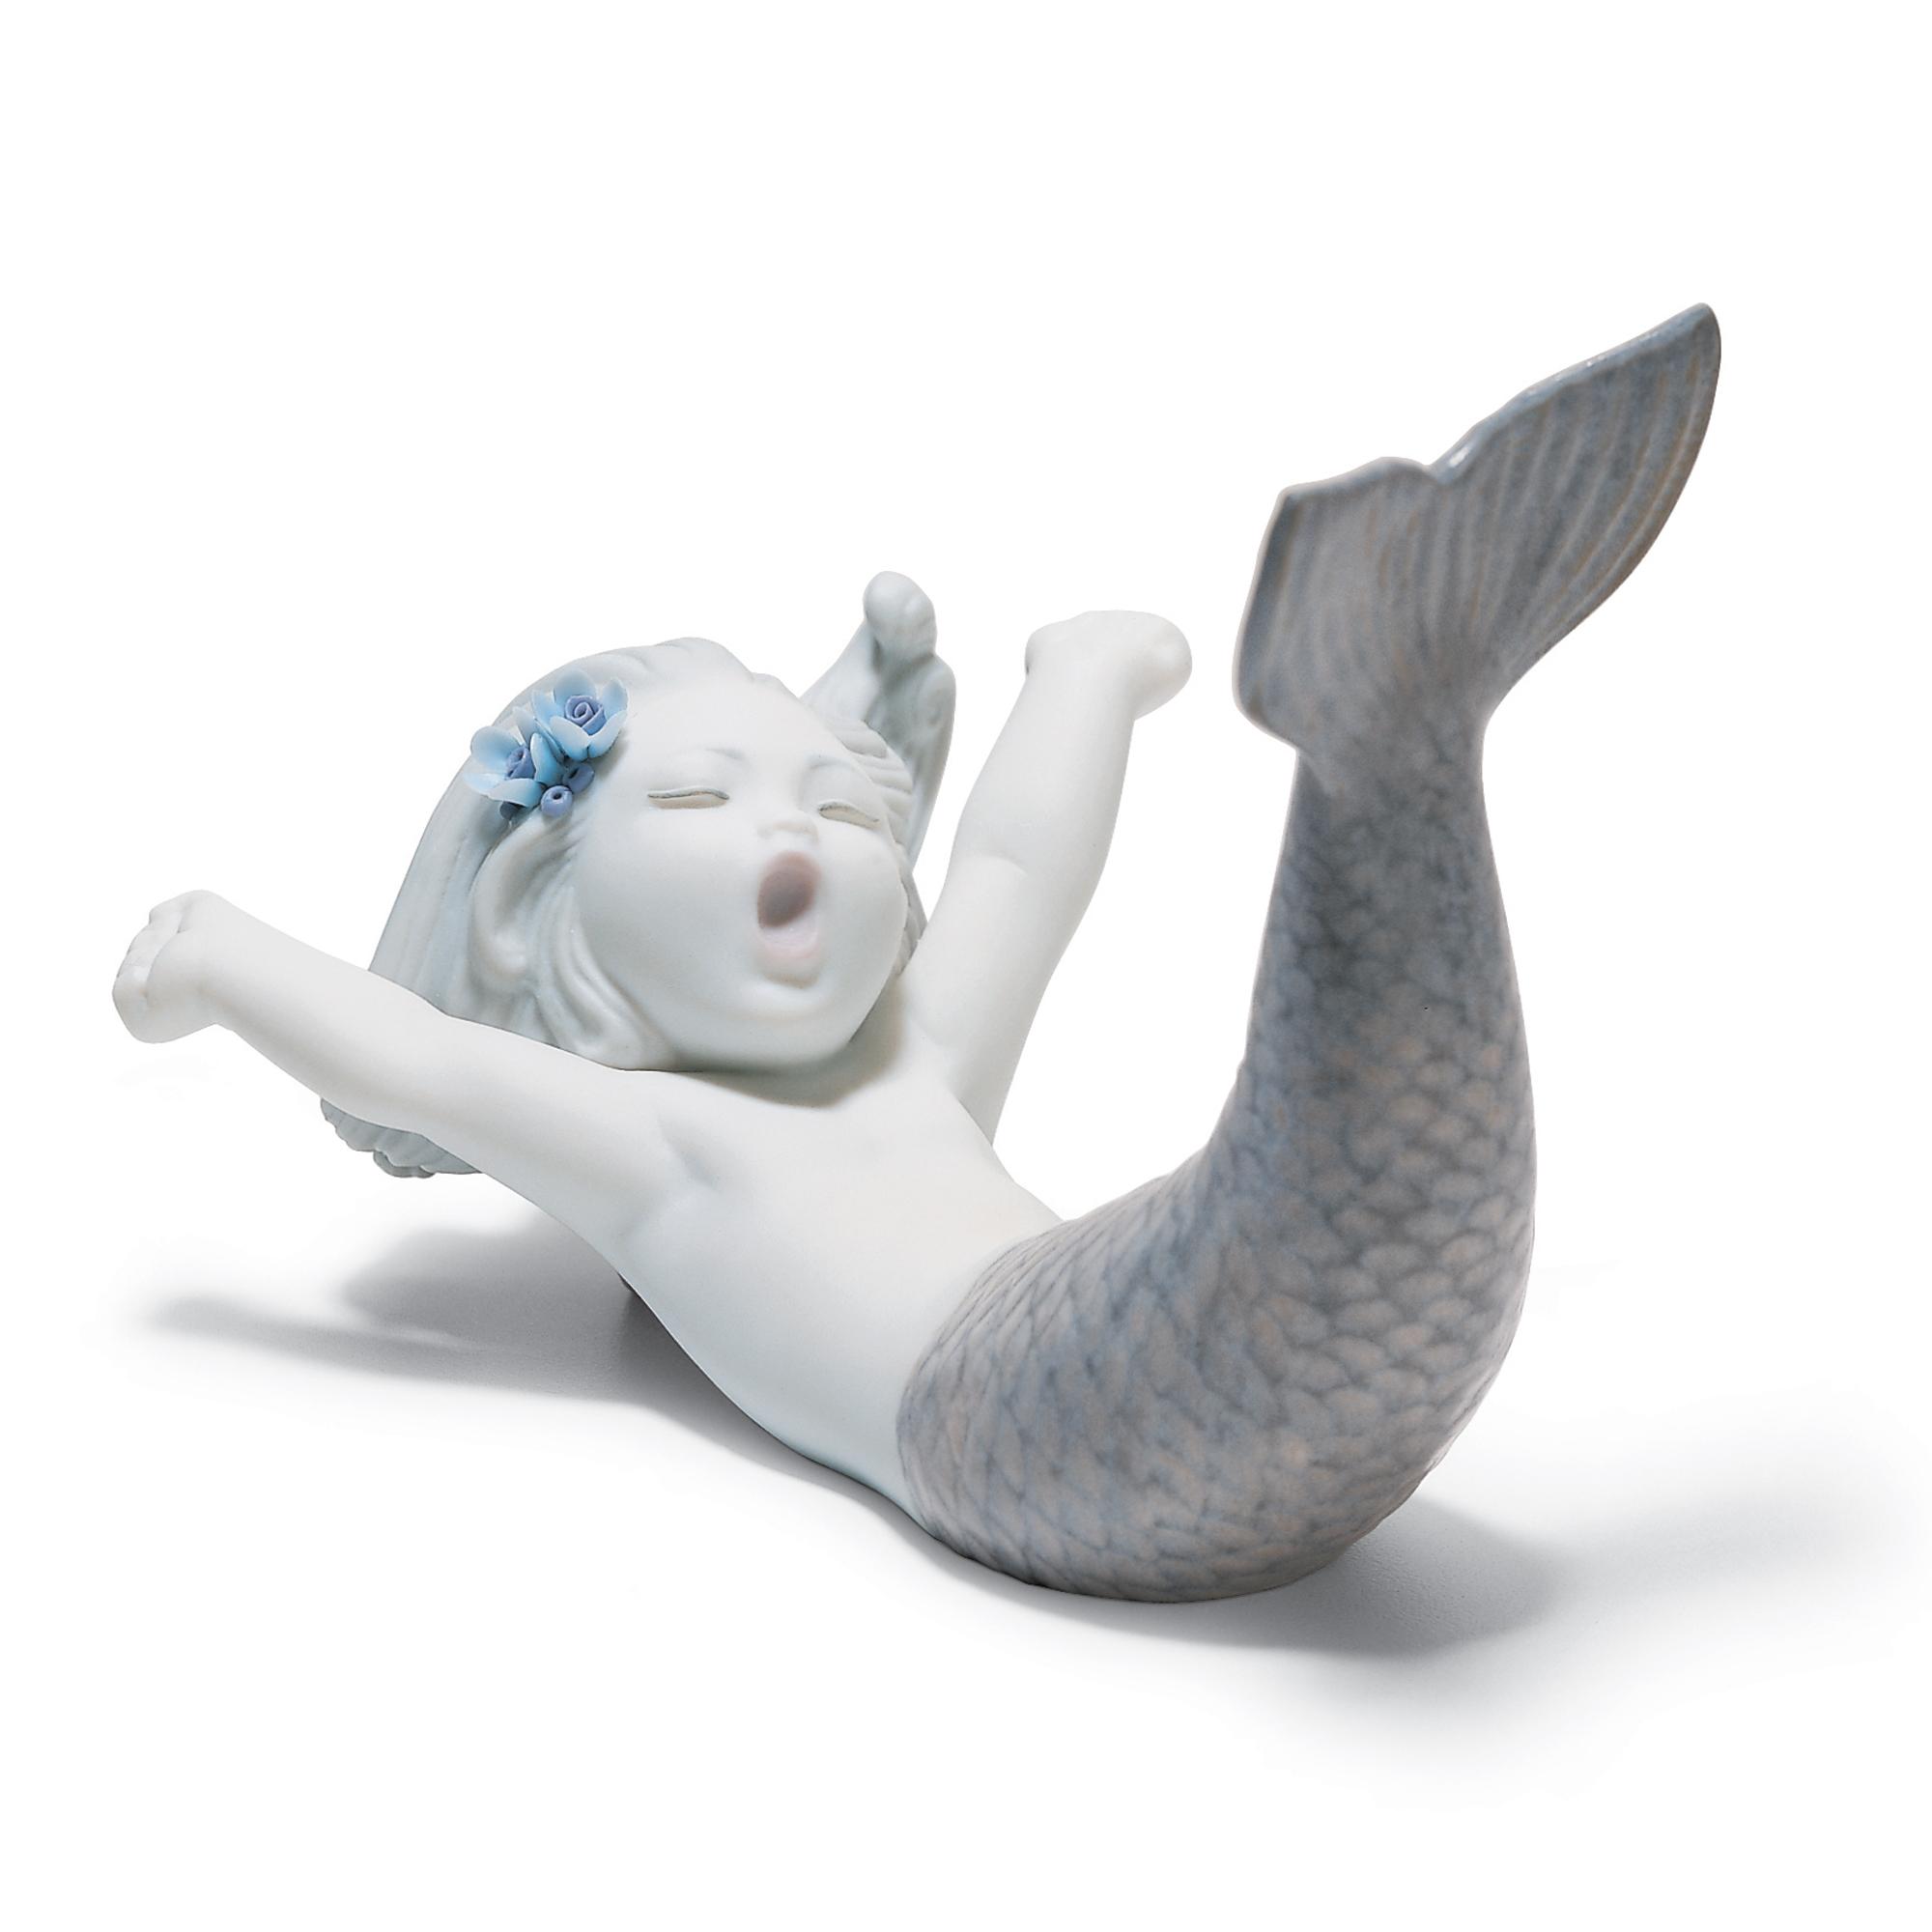 Waking Up at Sea 01008113 - Lladro Fantasy